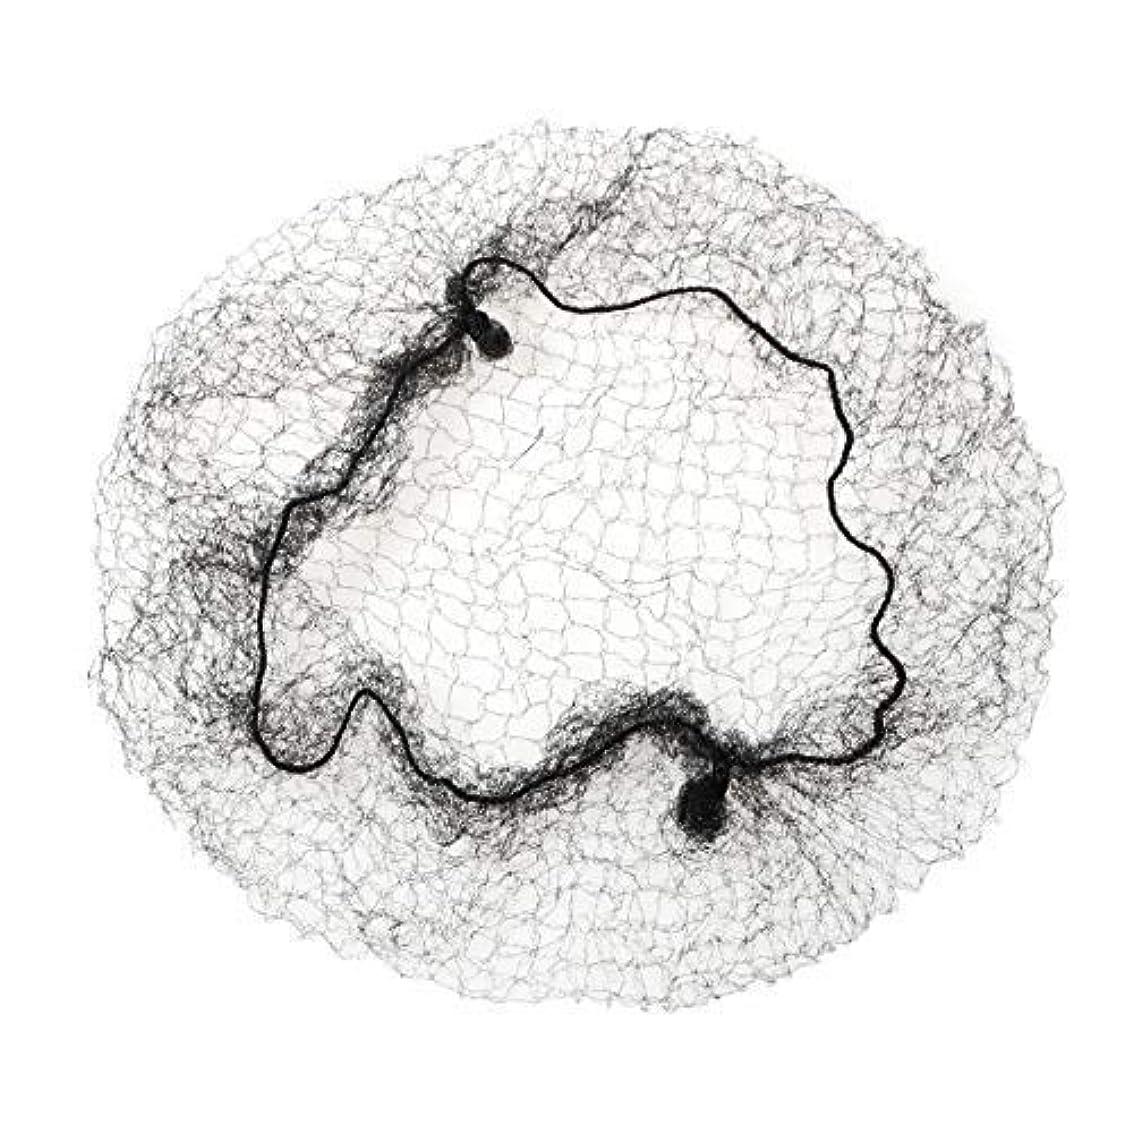 ありふれた振り子使い込むfunsemble ヘア ネット 髪束ね用ネット セット アシアナネット ブラック (100本(ブラック))